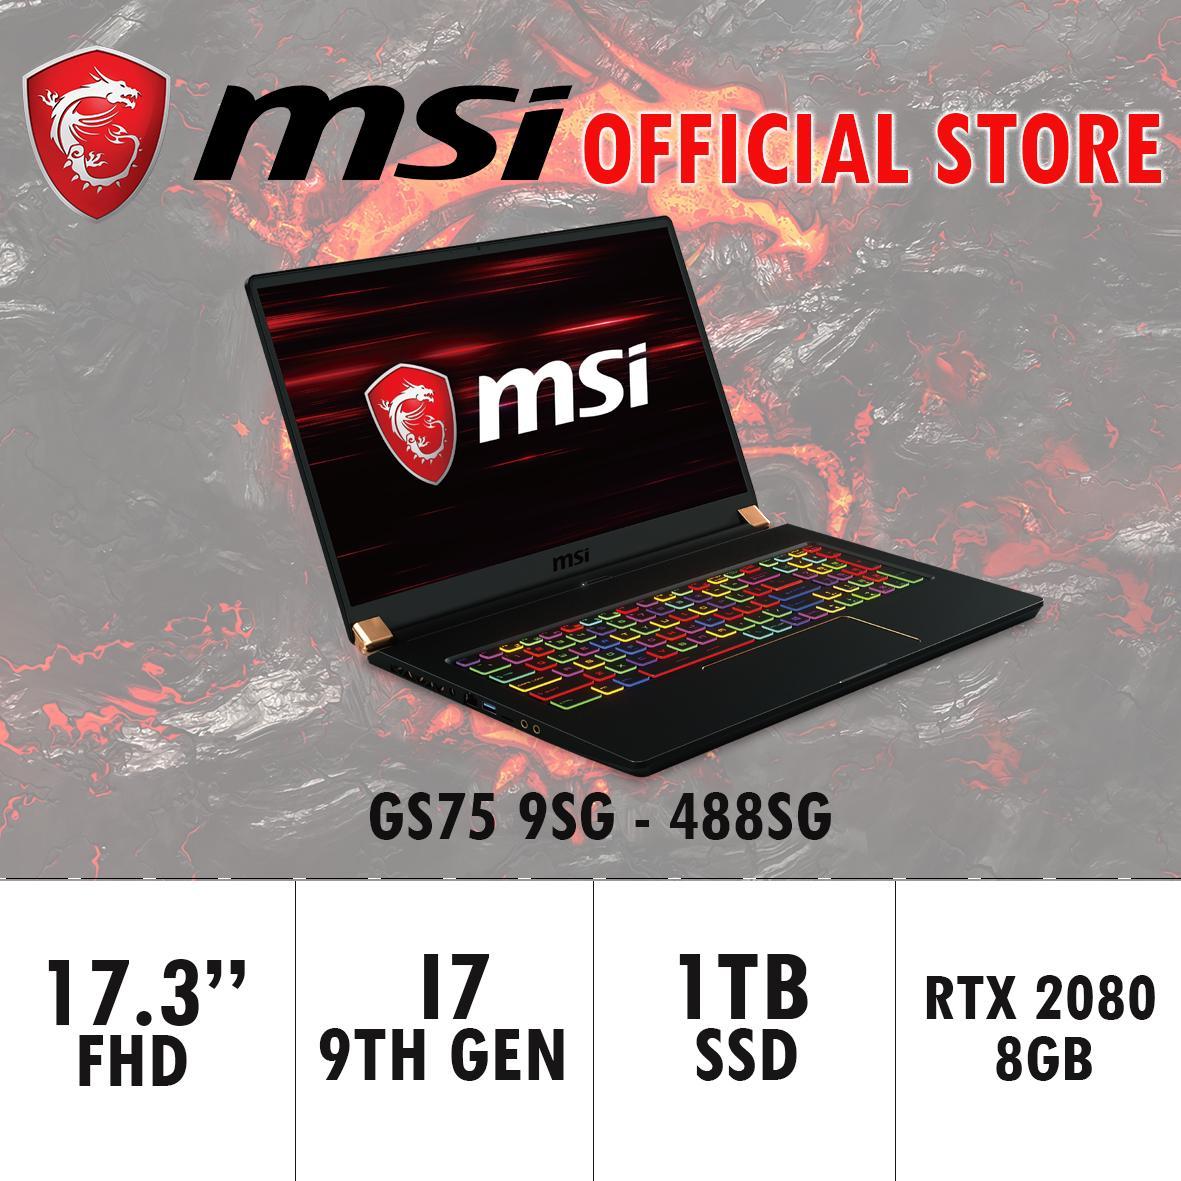 MSI GS75 RTX2080 STEALTH 9SG - 488SG (i7-9750H / 32GB / 1TB SSD / WIN 10) 17.3 FHD 144Hz Gaming Laptop